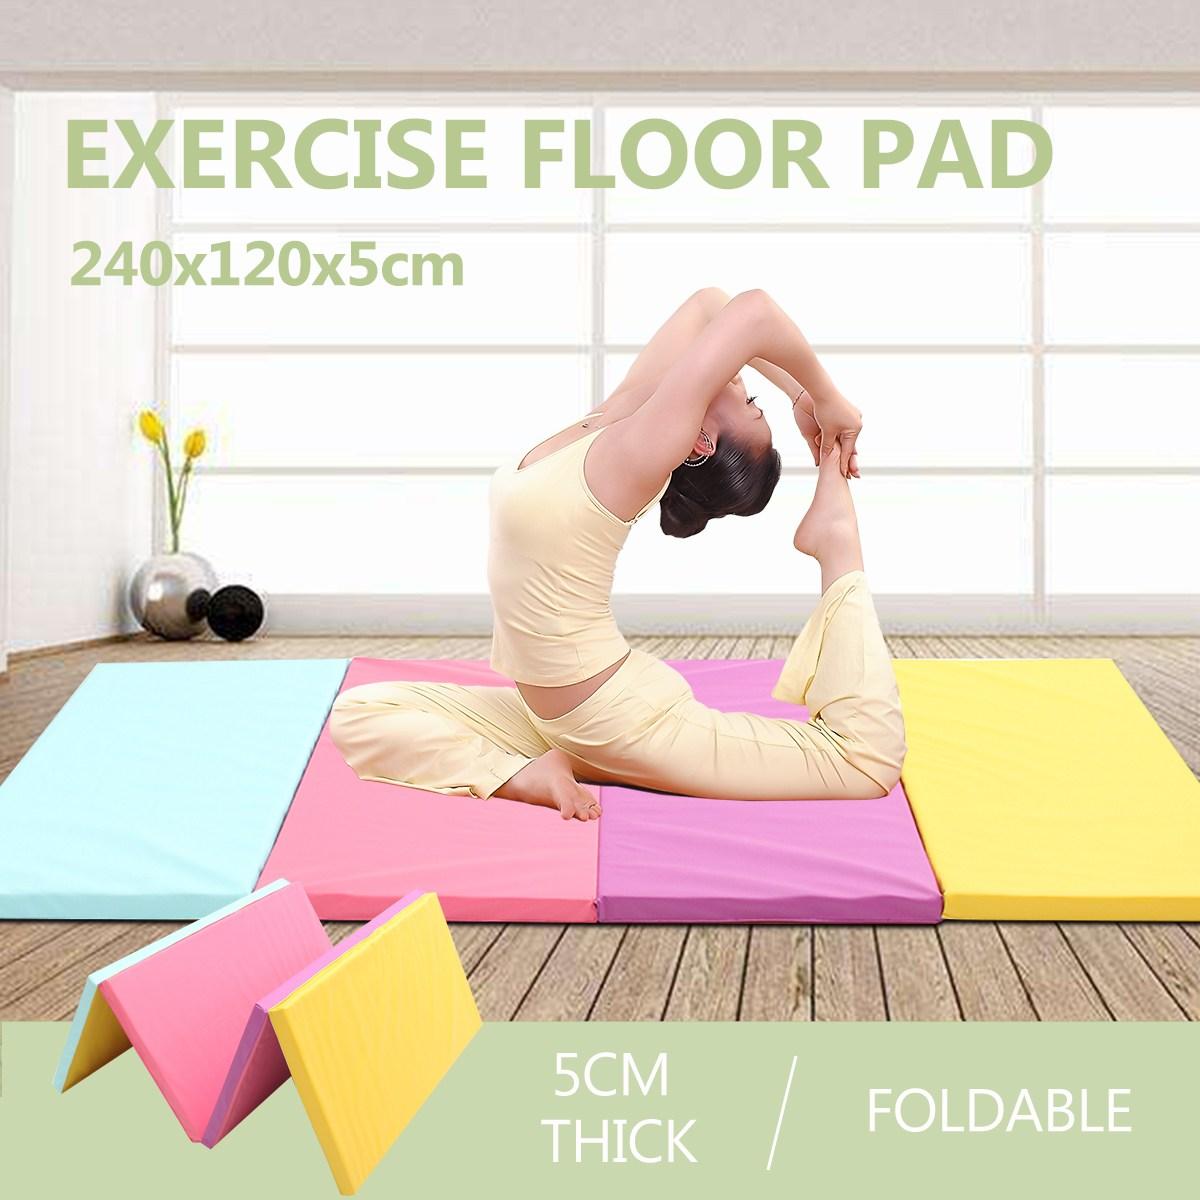 8FT 4 Pliable Tapis De Yoga PU En Cuir Gymnastique Tapis Plancher De Danse Exercice Sport Formation de Remise En Forme Tapis Home En Plein Air Gym Couverture